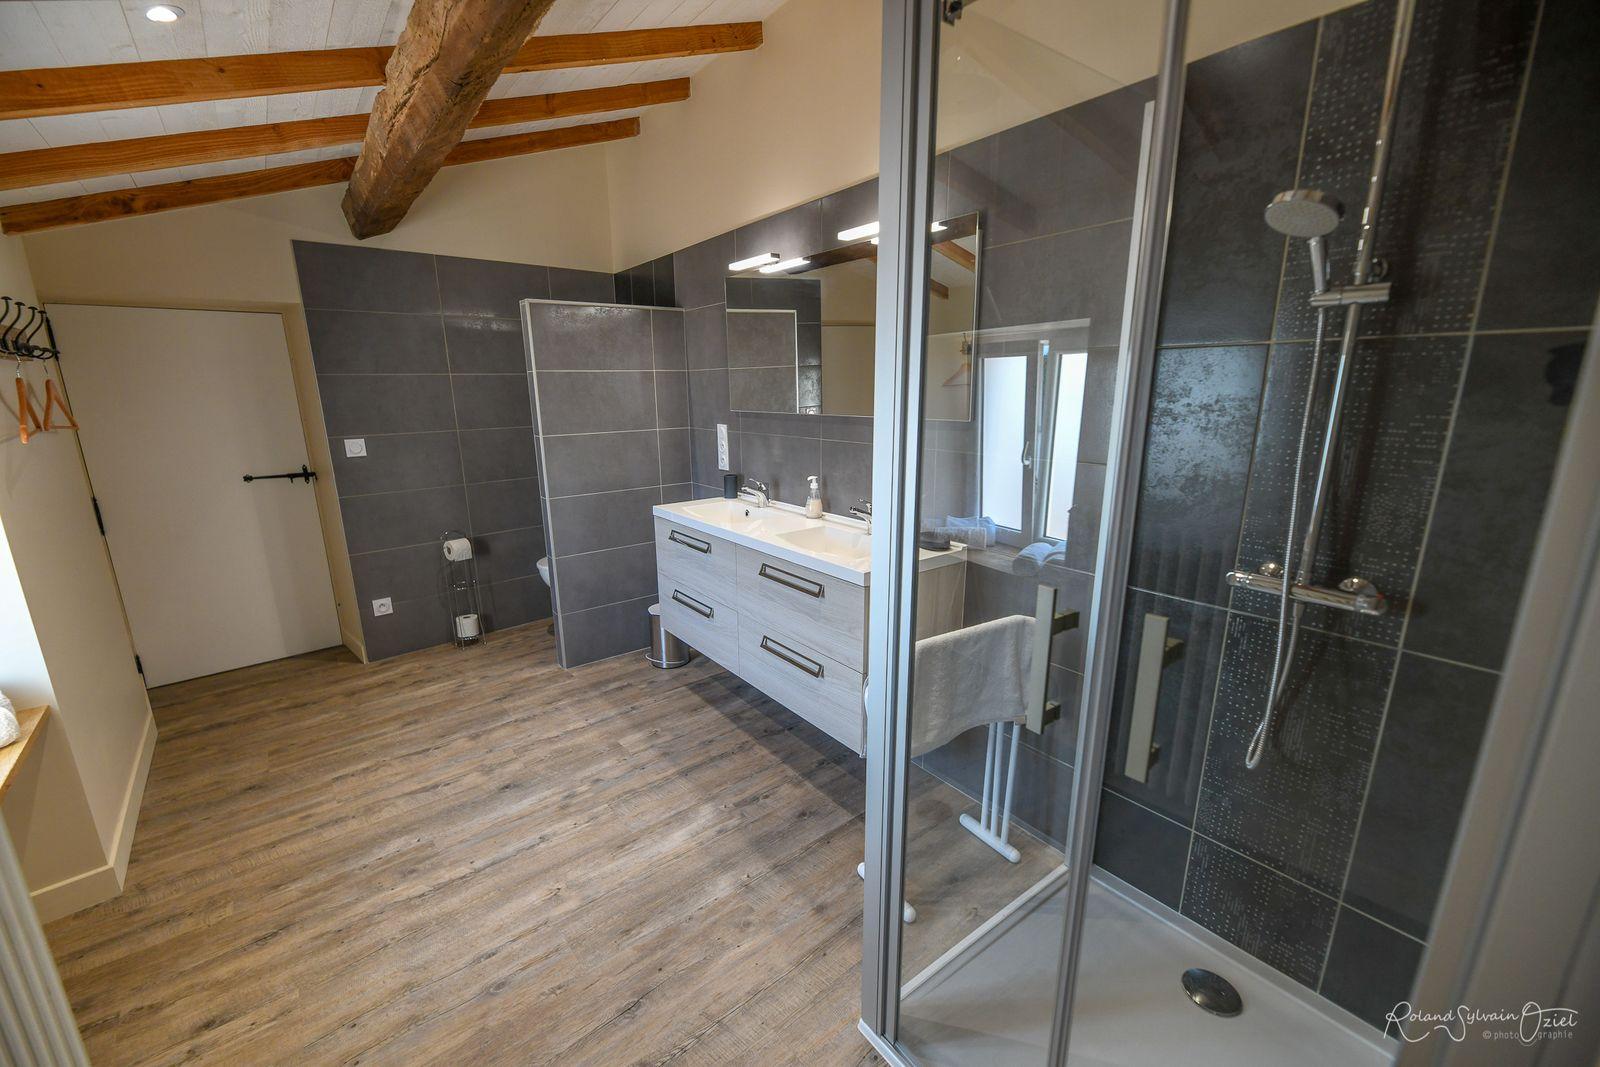 Mise à disposition : linge de toilette, sèche-cheveux, papier toilette, trousse de secours.